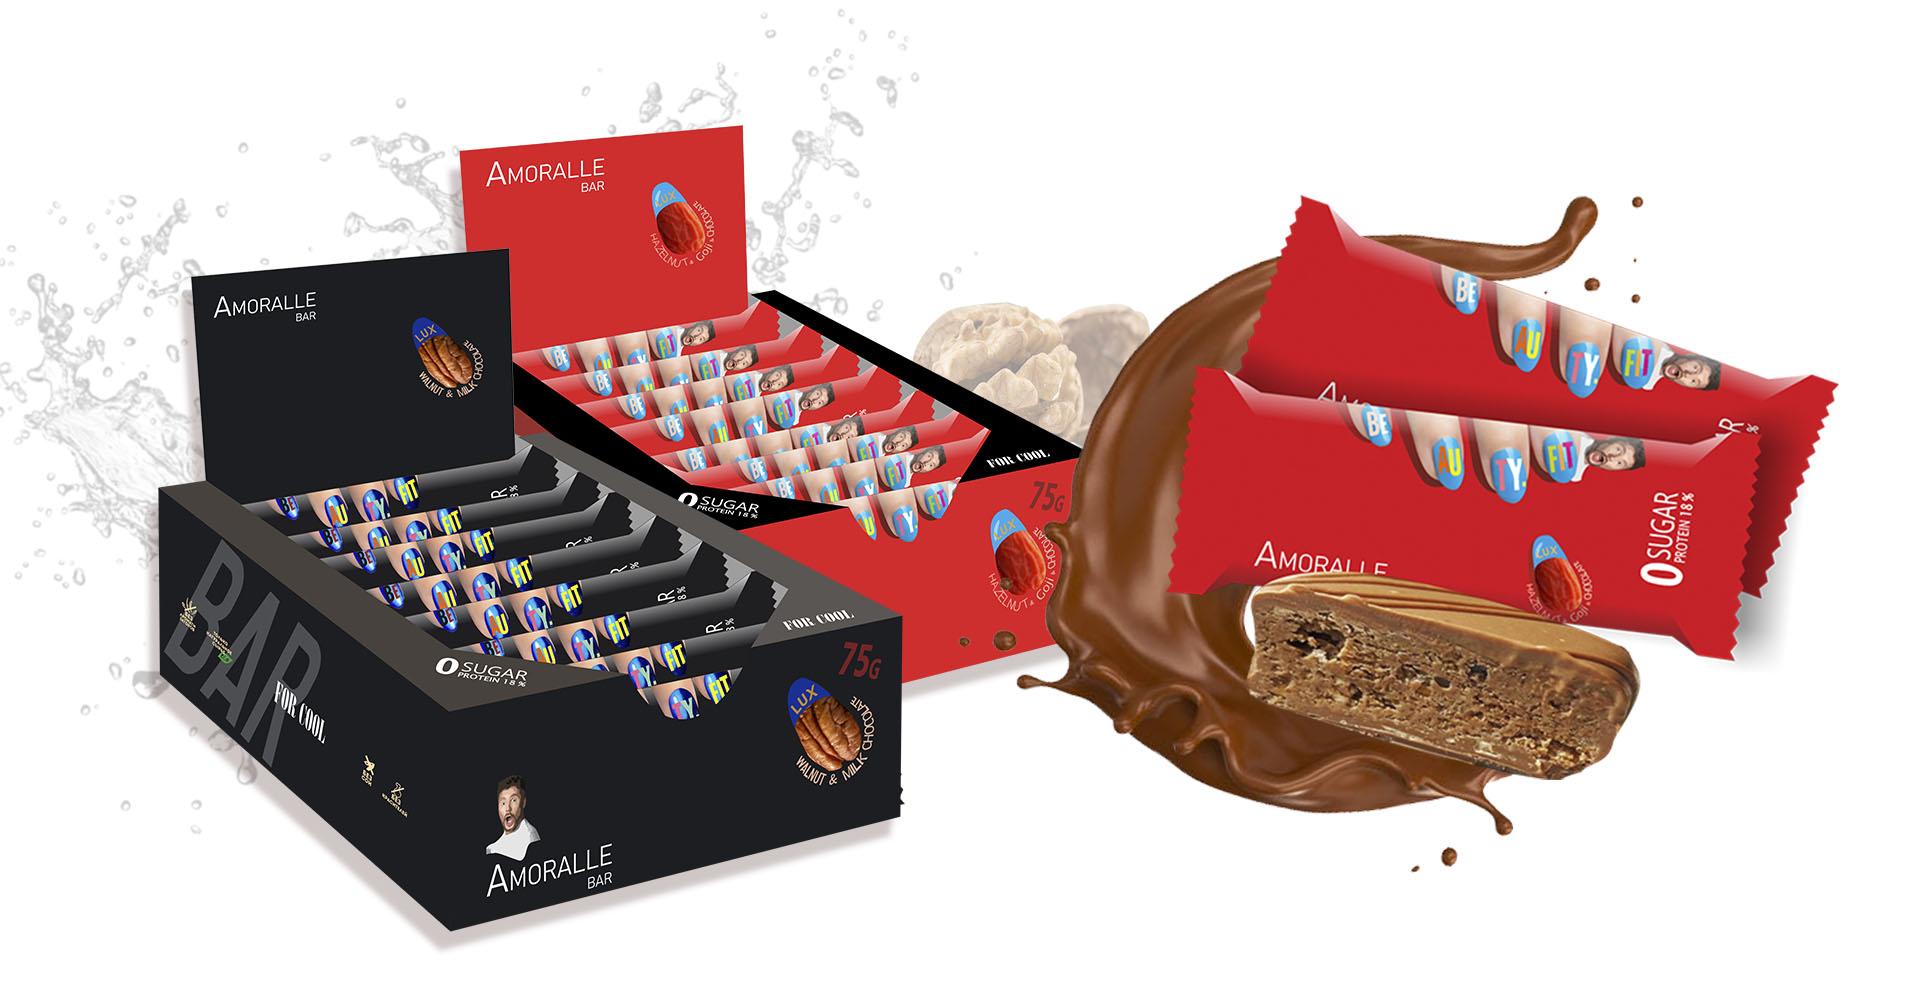 Amoralle Протеиновый шоколад luxury